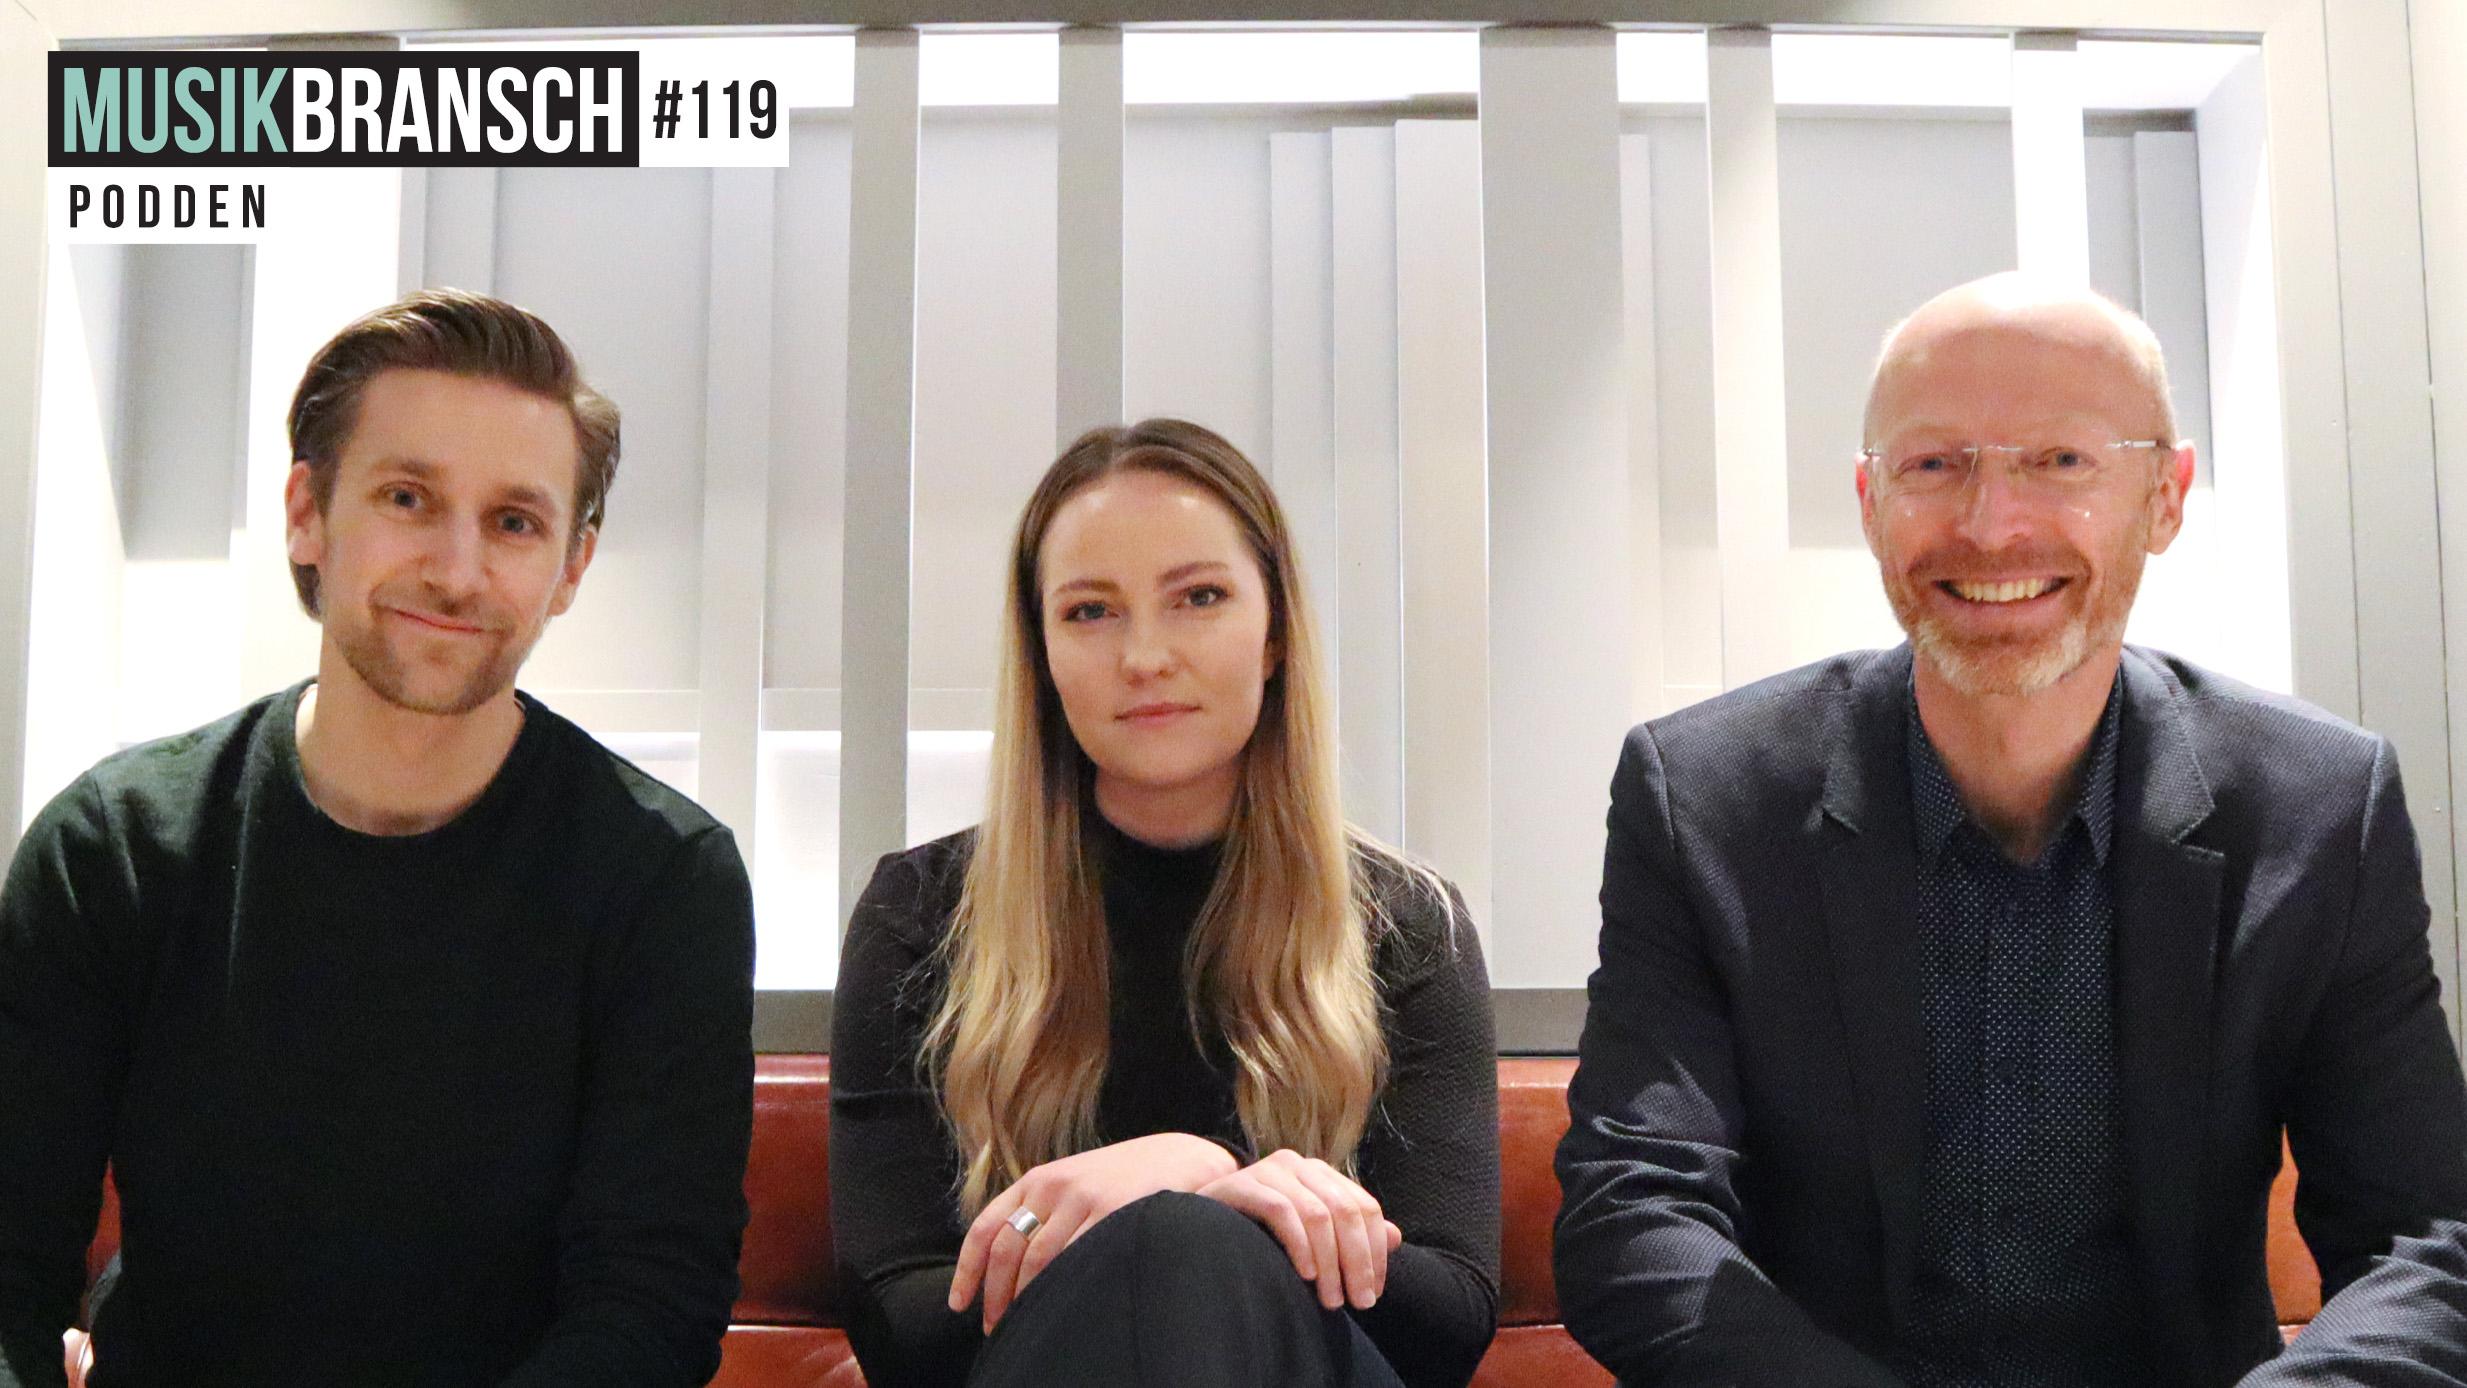 119. Återuppbyggnad av kreativa sektorn - Ida Staxenius & Karsten Dyhrberg Nielsen, Stim